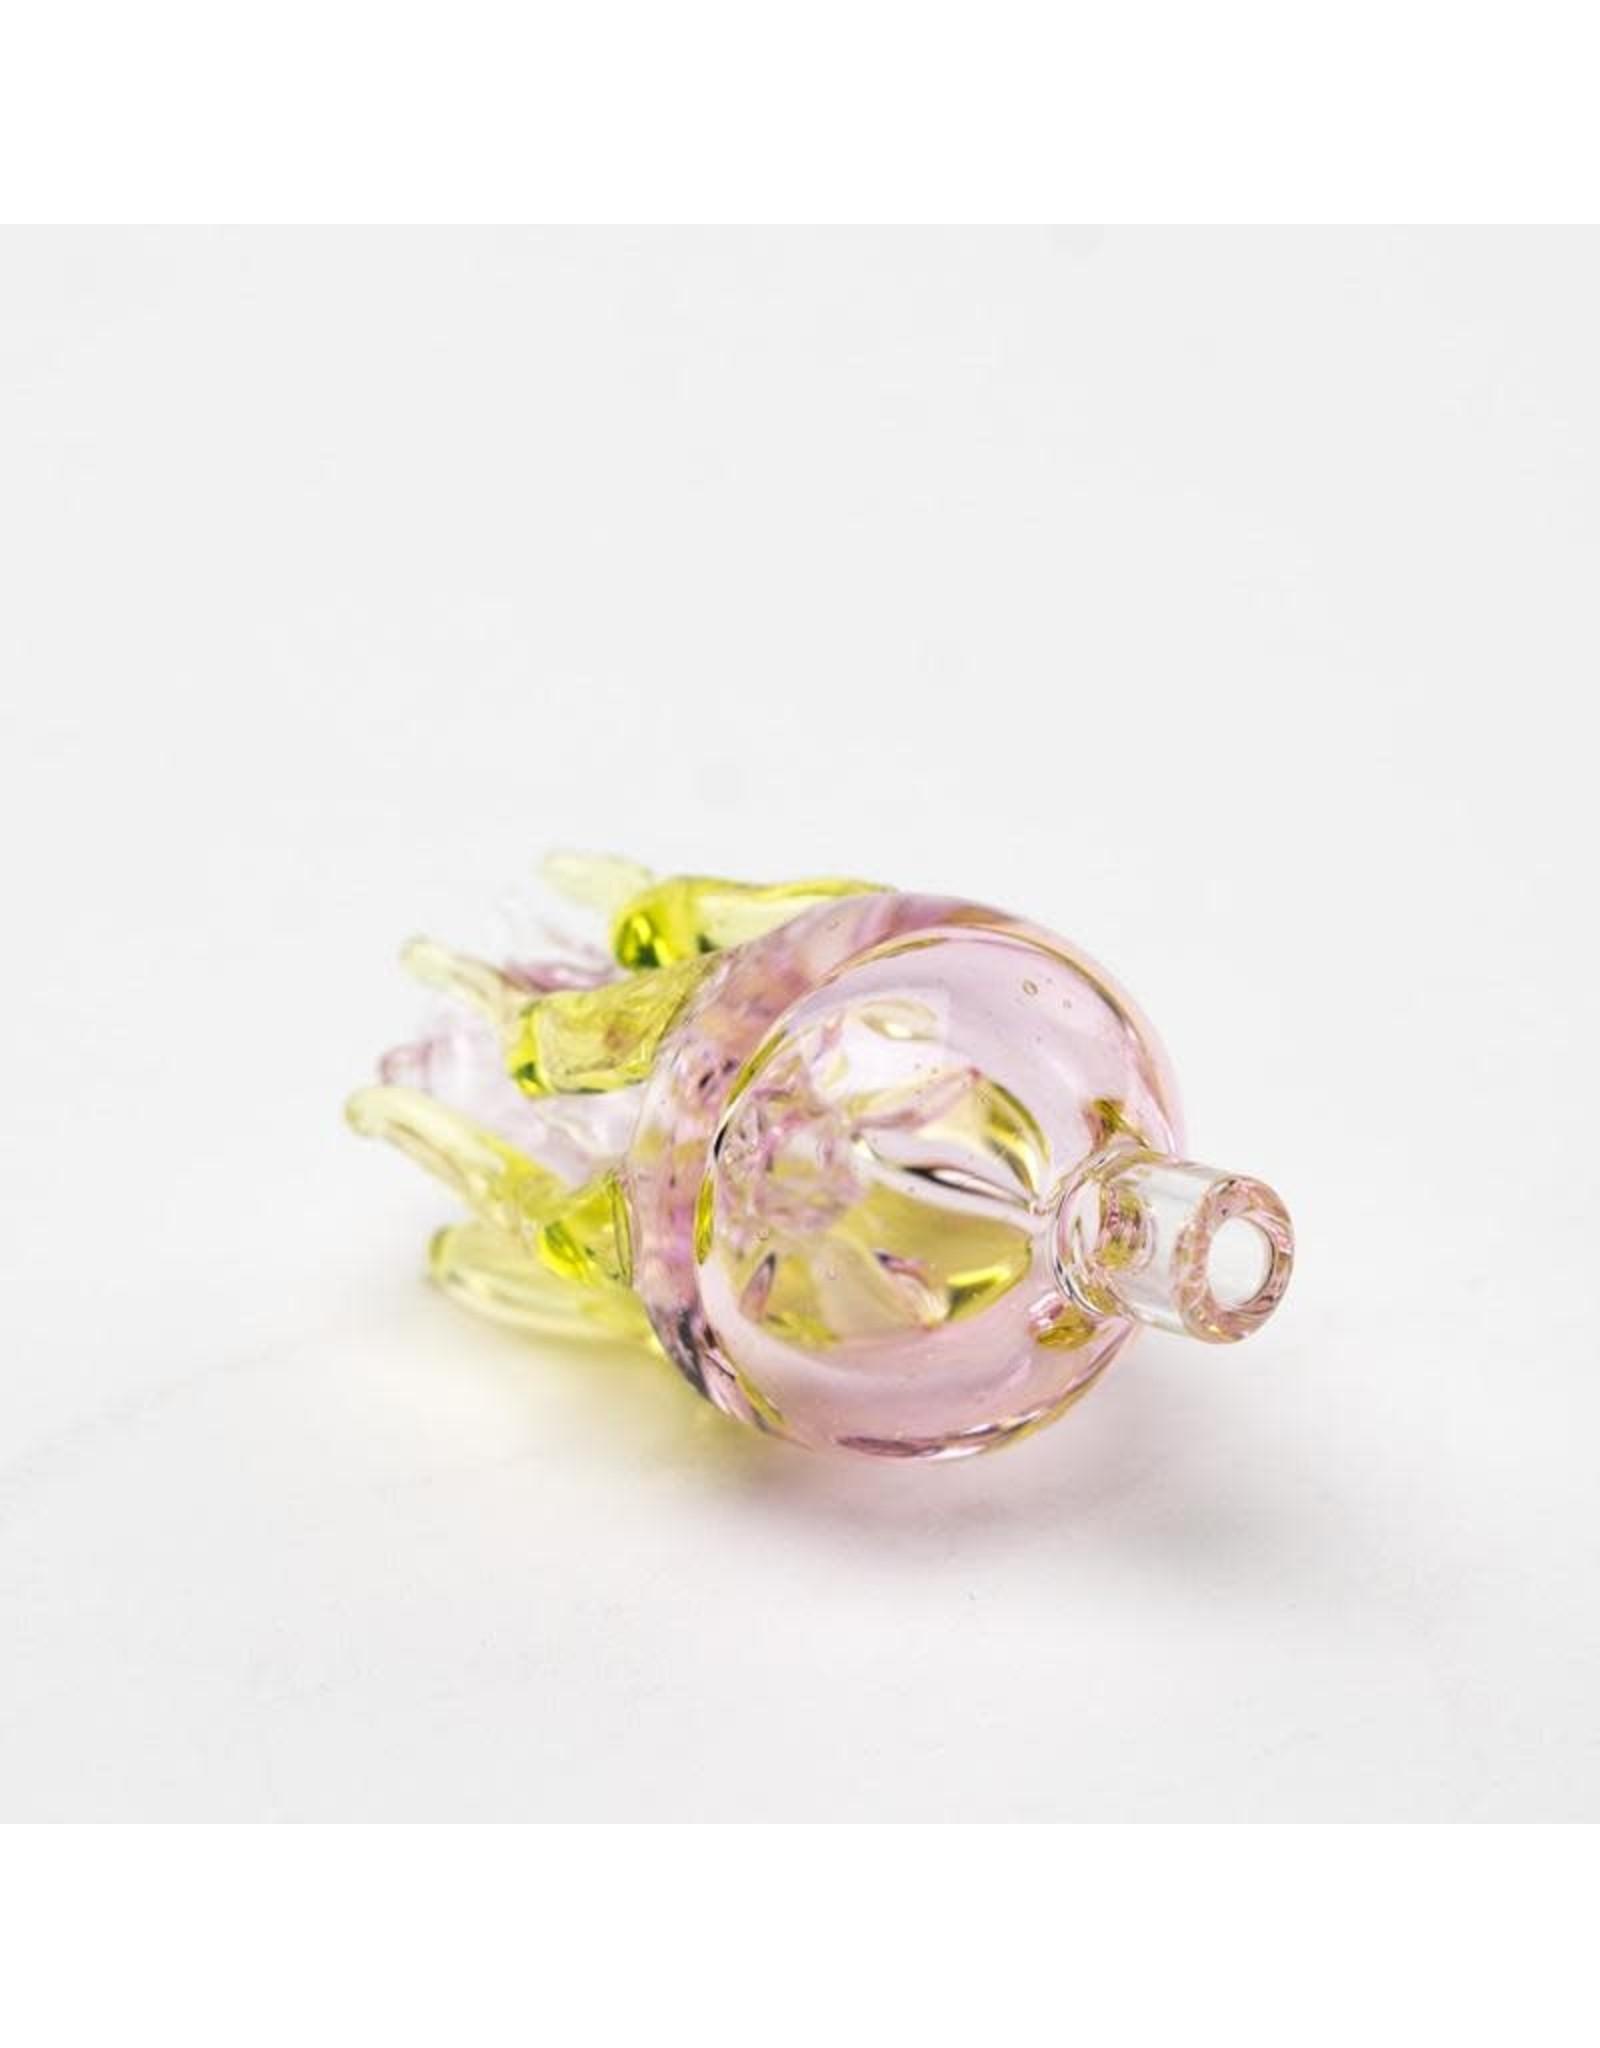 Empire Glass UV Jelly Fish Peak Bubble Cap